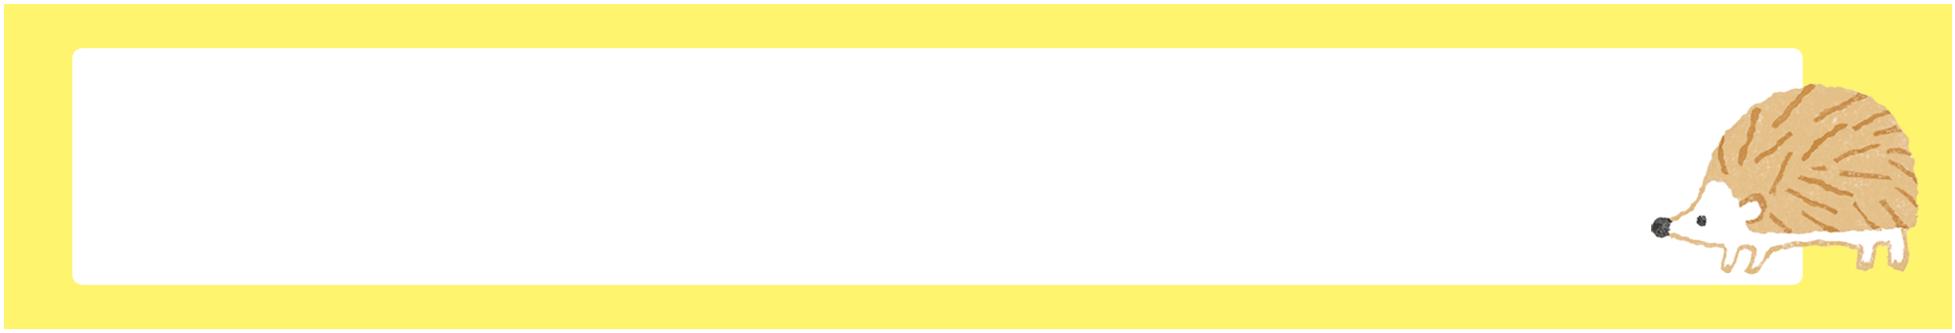 商用利用もOKな無料イラストサイト【フリー素材ずーあん】の無料くせっ毛ハリネズミイラスト付タブ